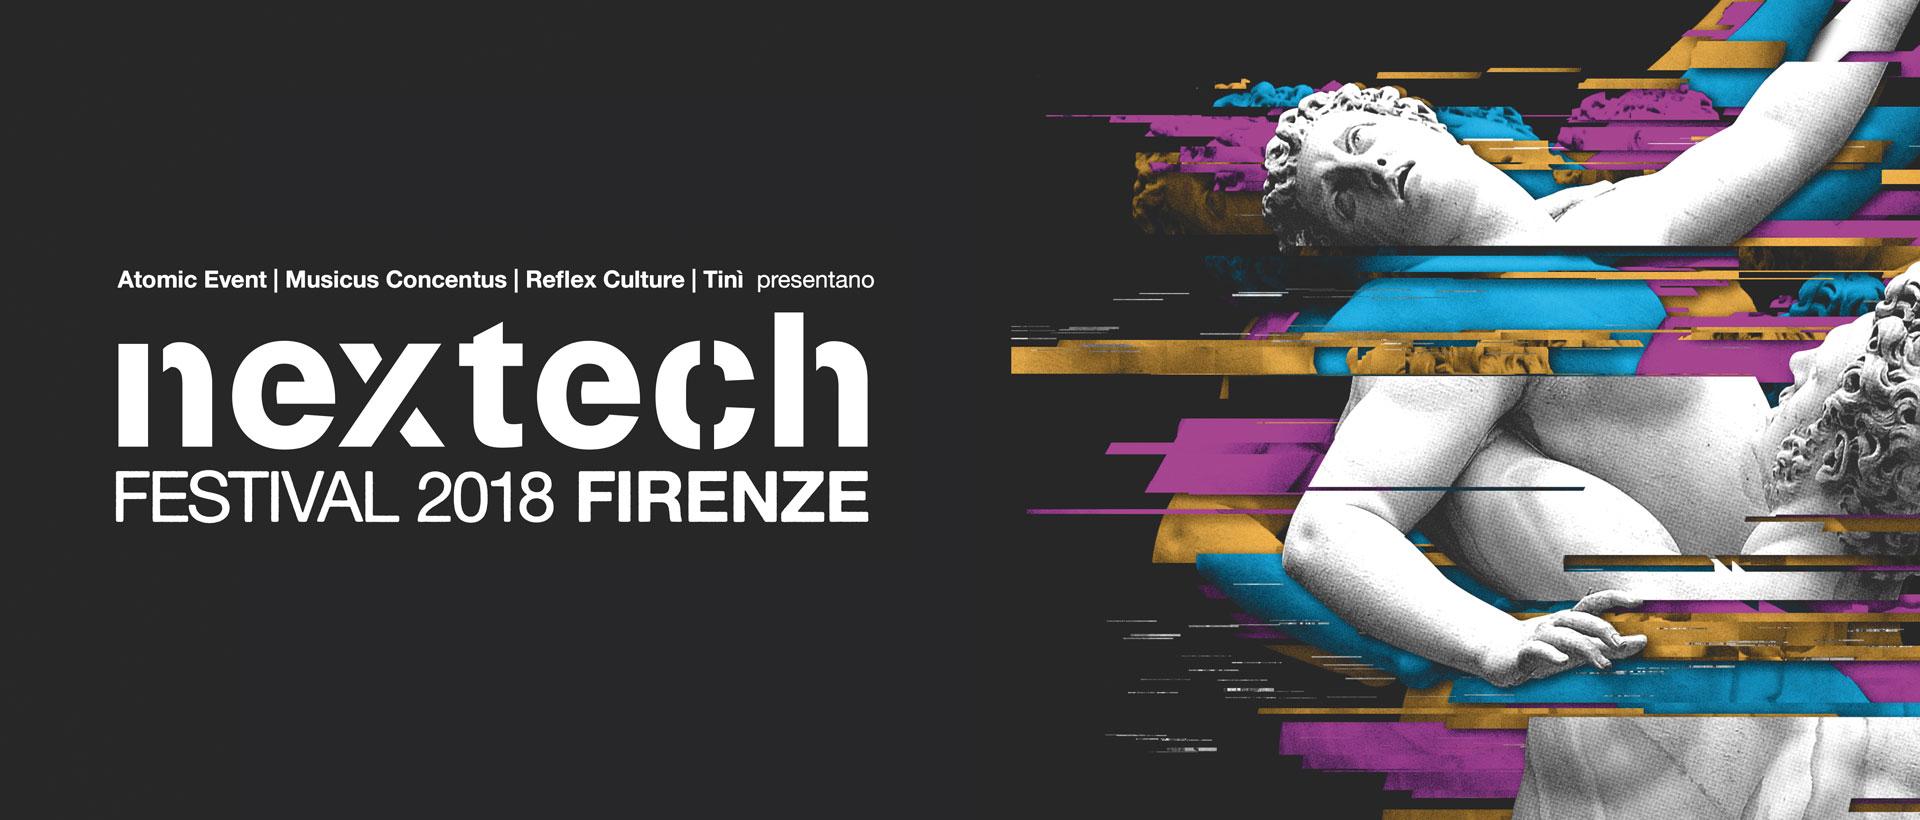 nextech-festival-2018-header-zerouno-design